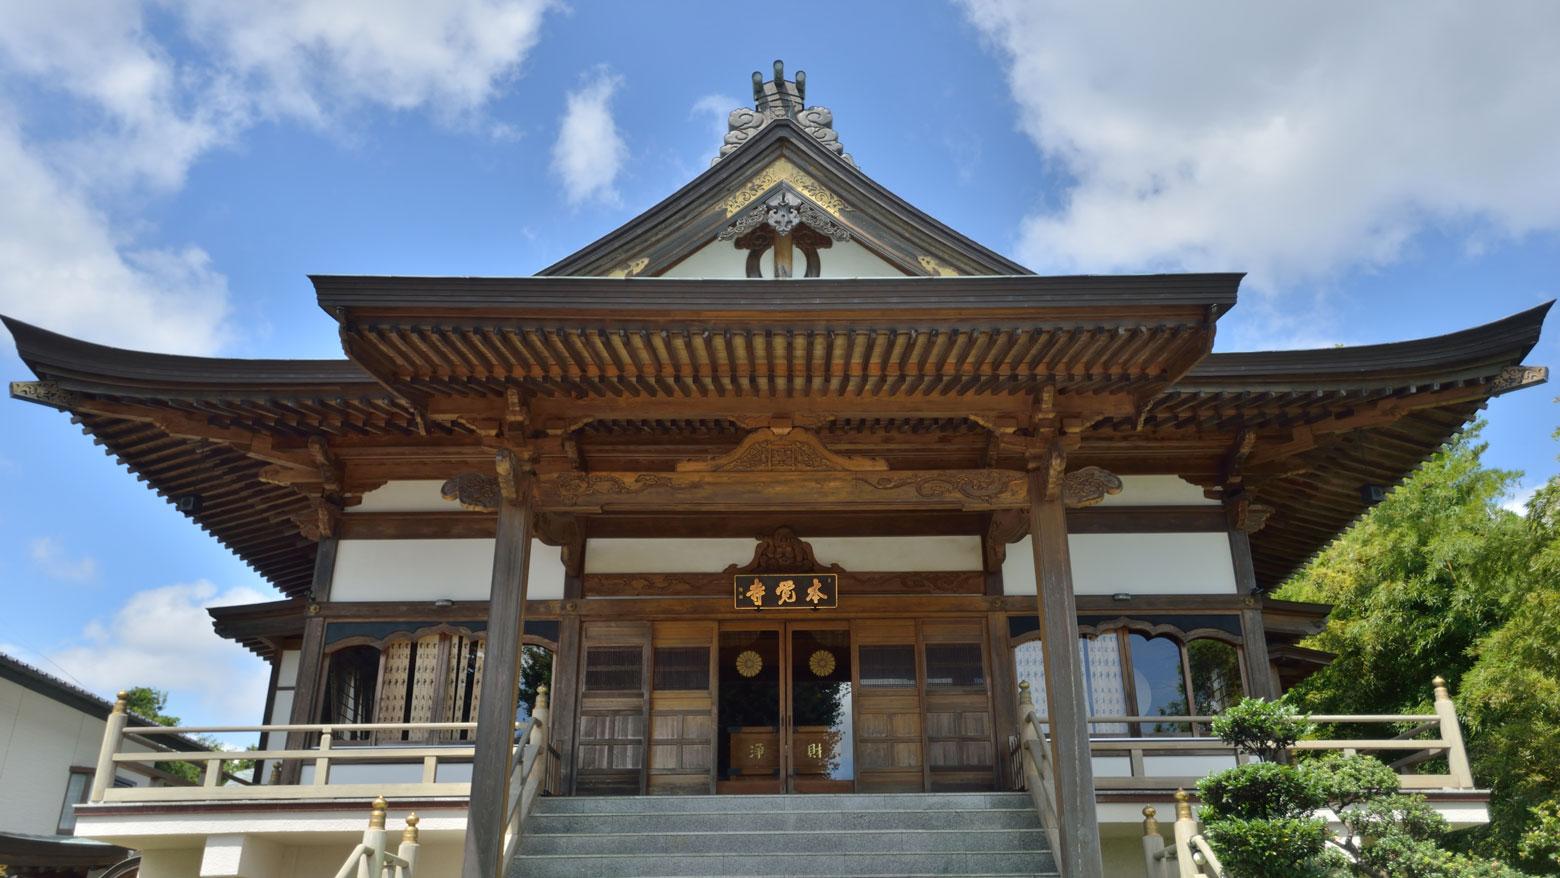 松戸 本覚寺 本堂 正面